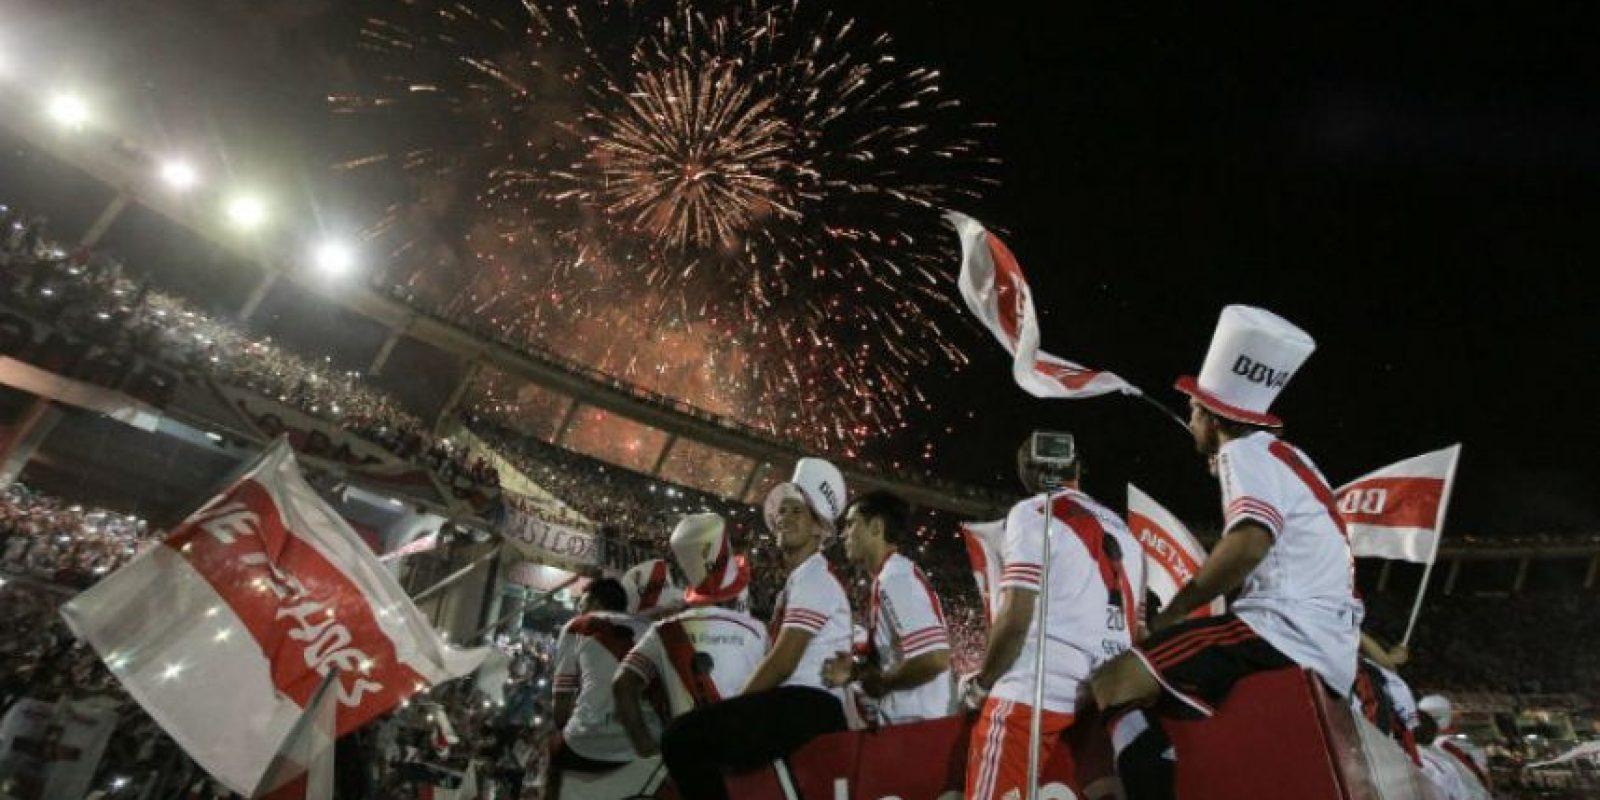 Luces de bengala embellecieron el festejo de los millonarios. Foto:AFP